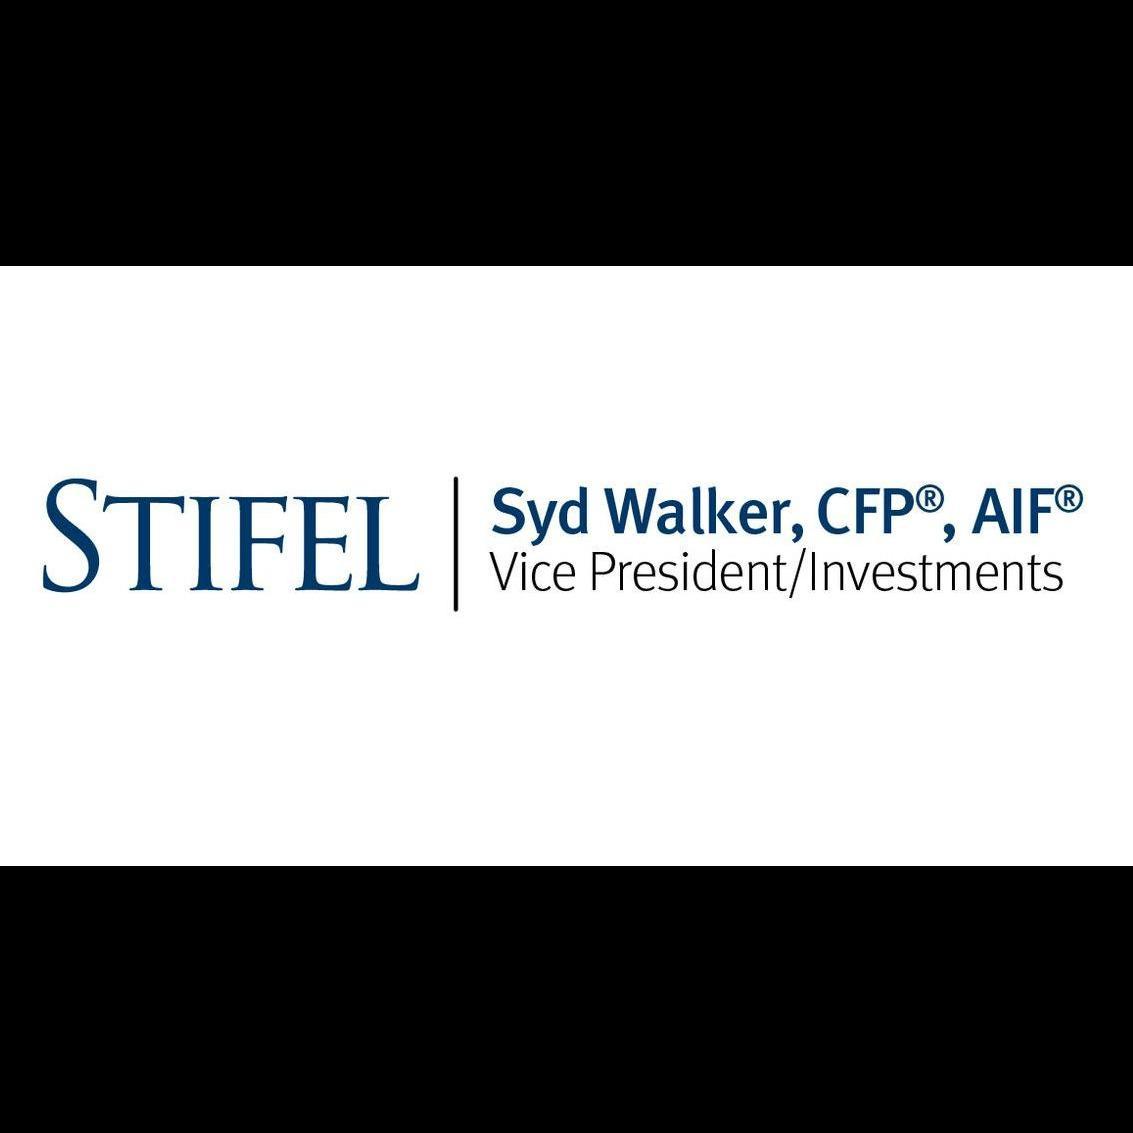 Syd Walker, CFP, AIF - Stifel